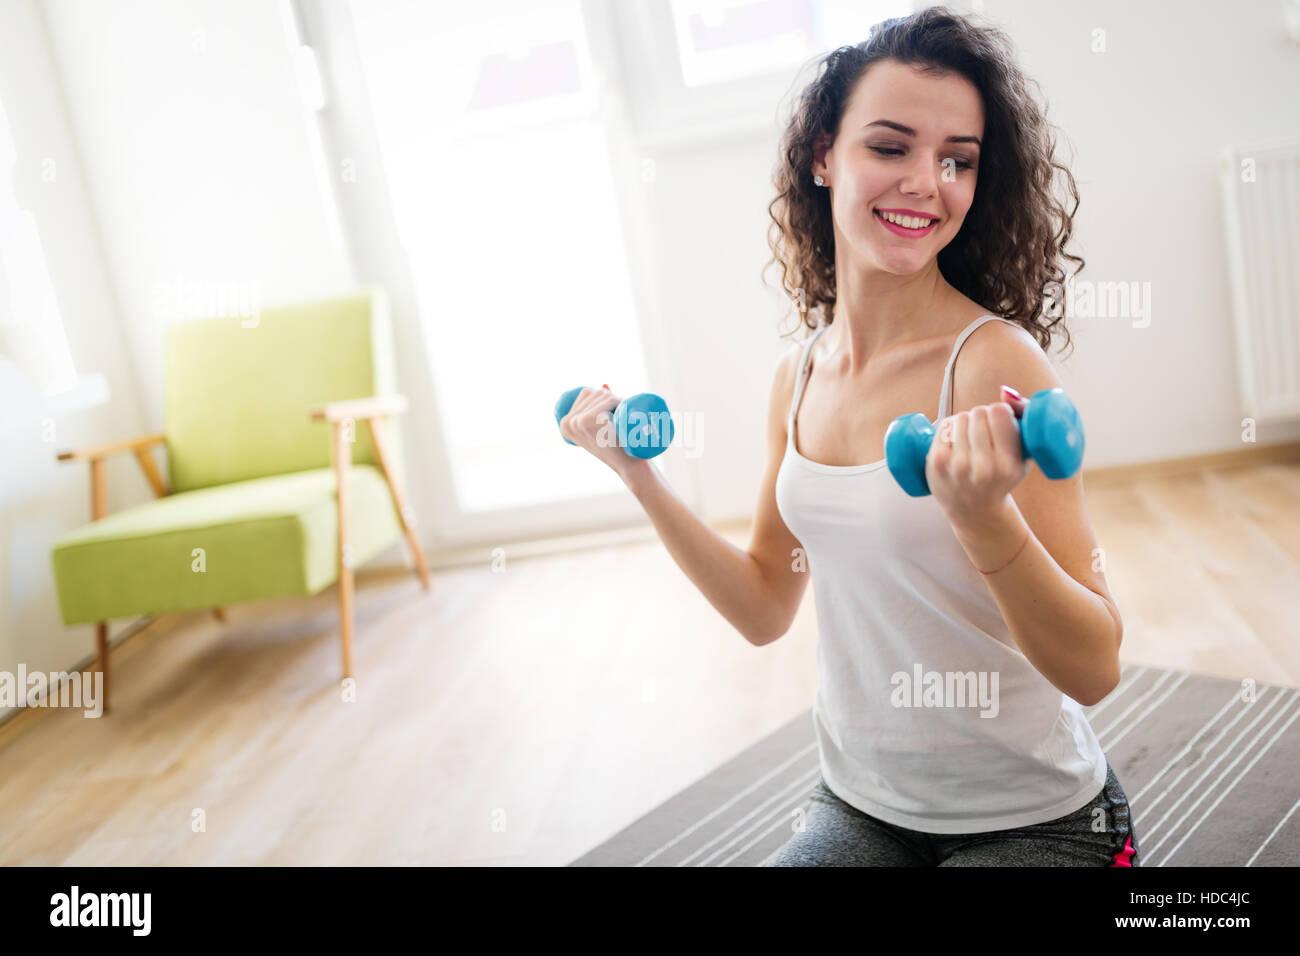 Sportlich schöne Frau, die Ausübung zu Hause um Fit zu bleiben Stockbild